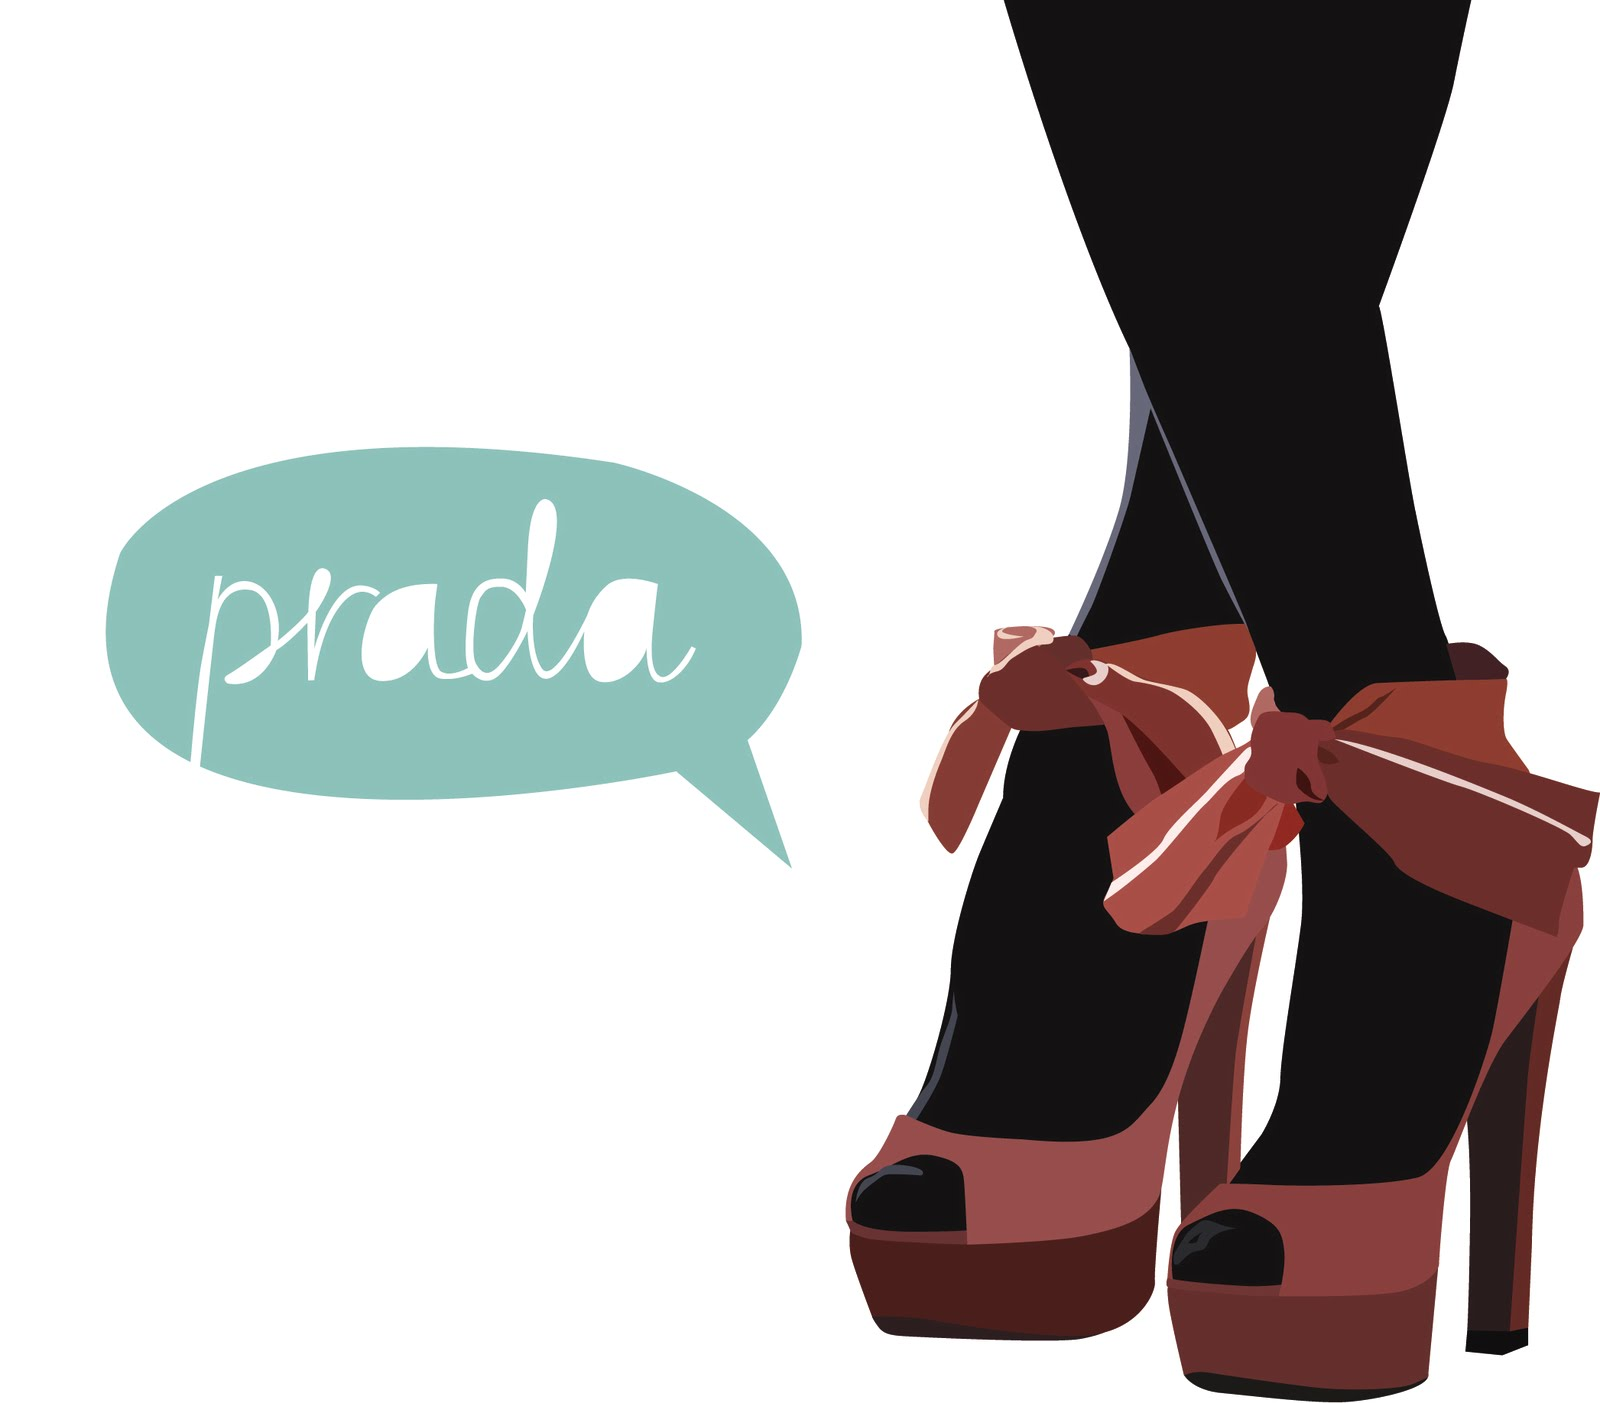 Prada - alexis foreman - brighton style memos